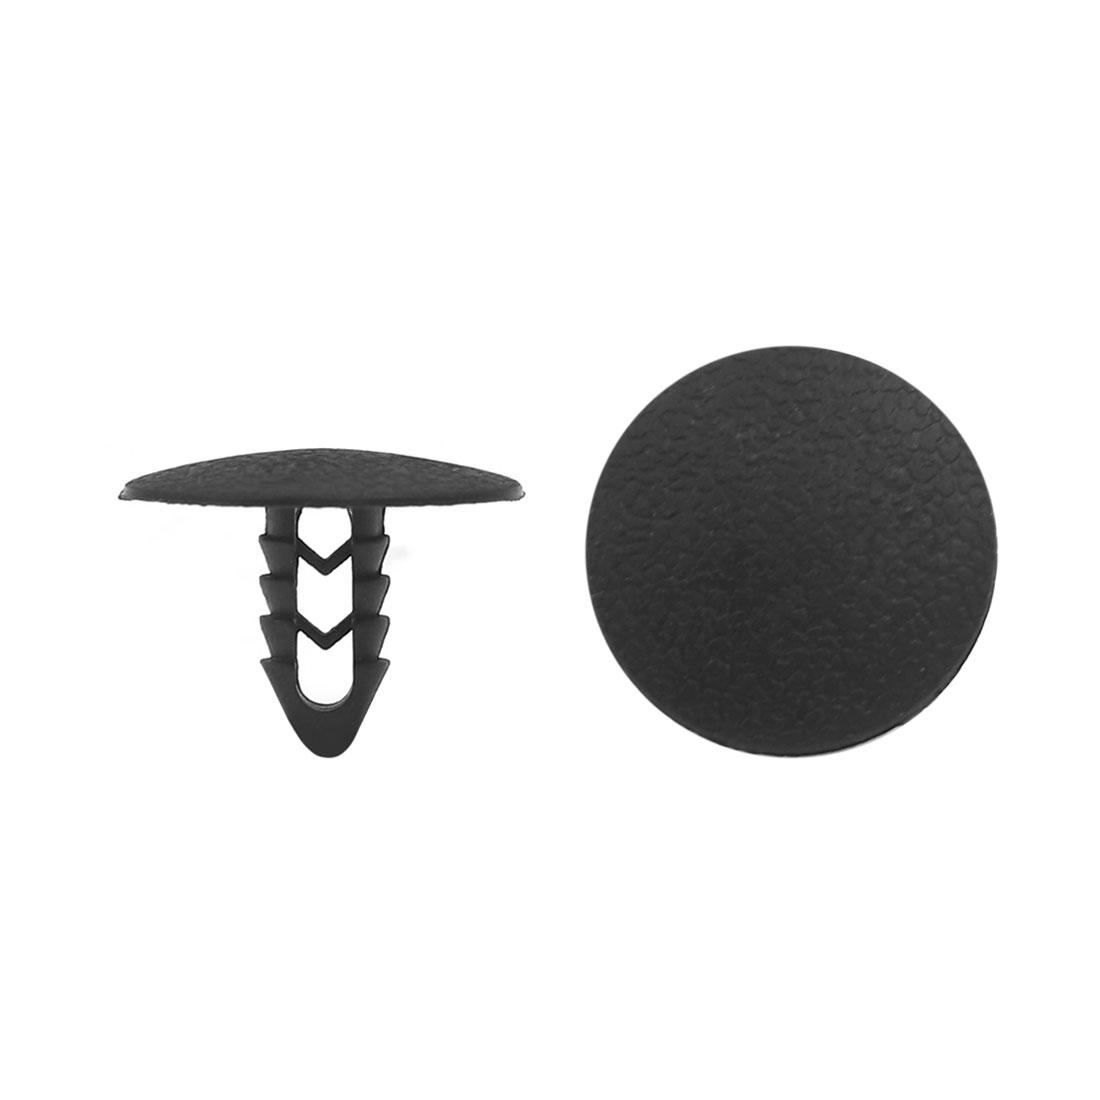 100pcs 25mm Head 8mm Hole Plastic Door Fender Bumper Push Rivets Clip for Car